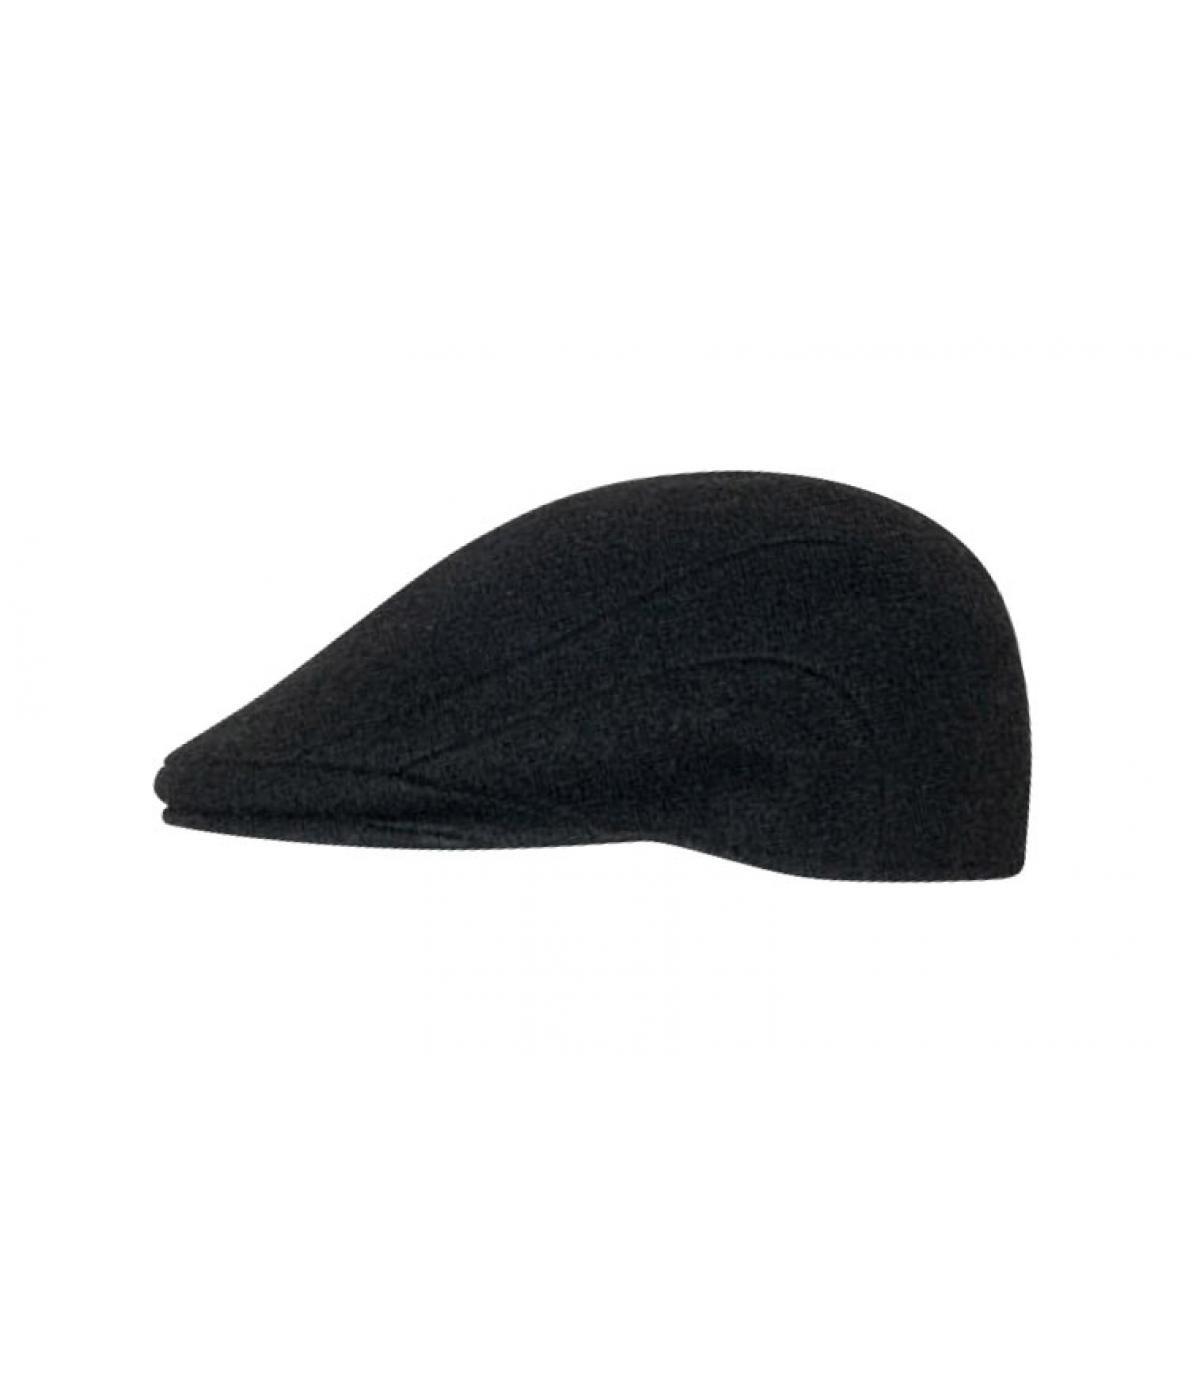 Détails 507 wool noir - image 2